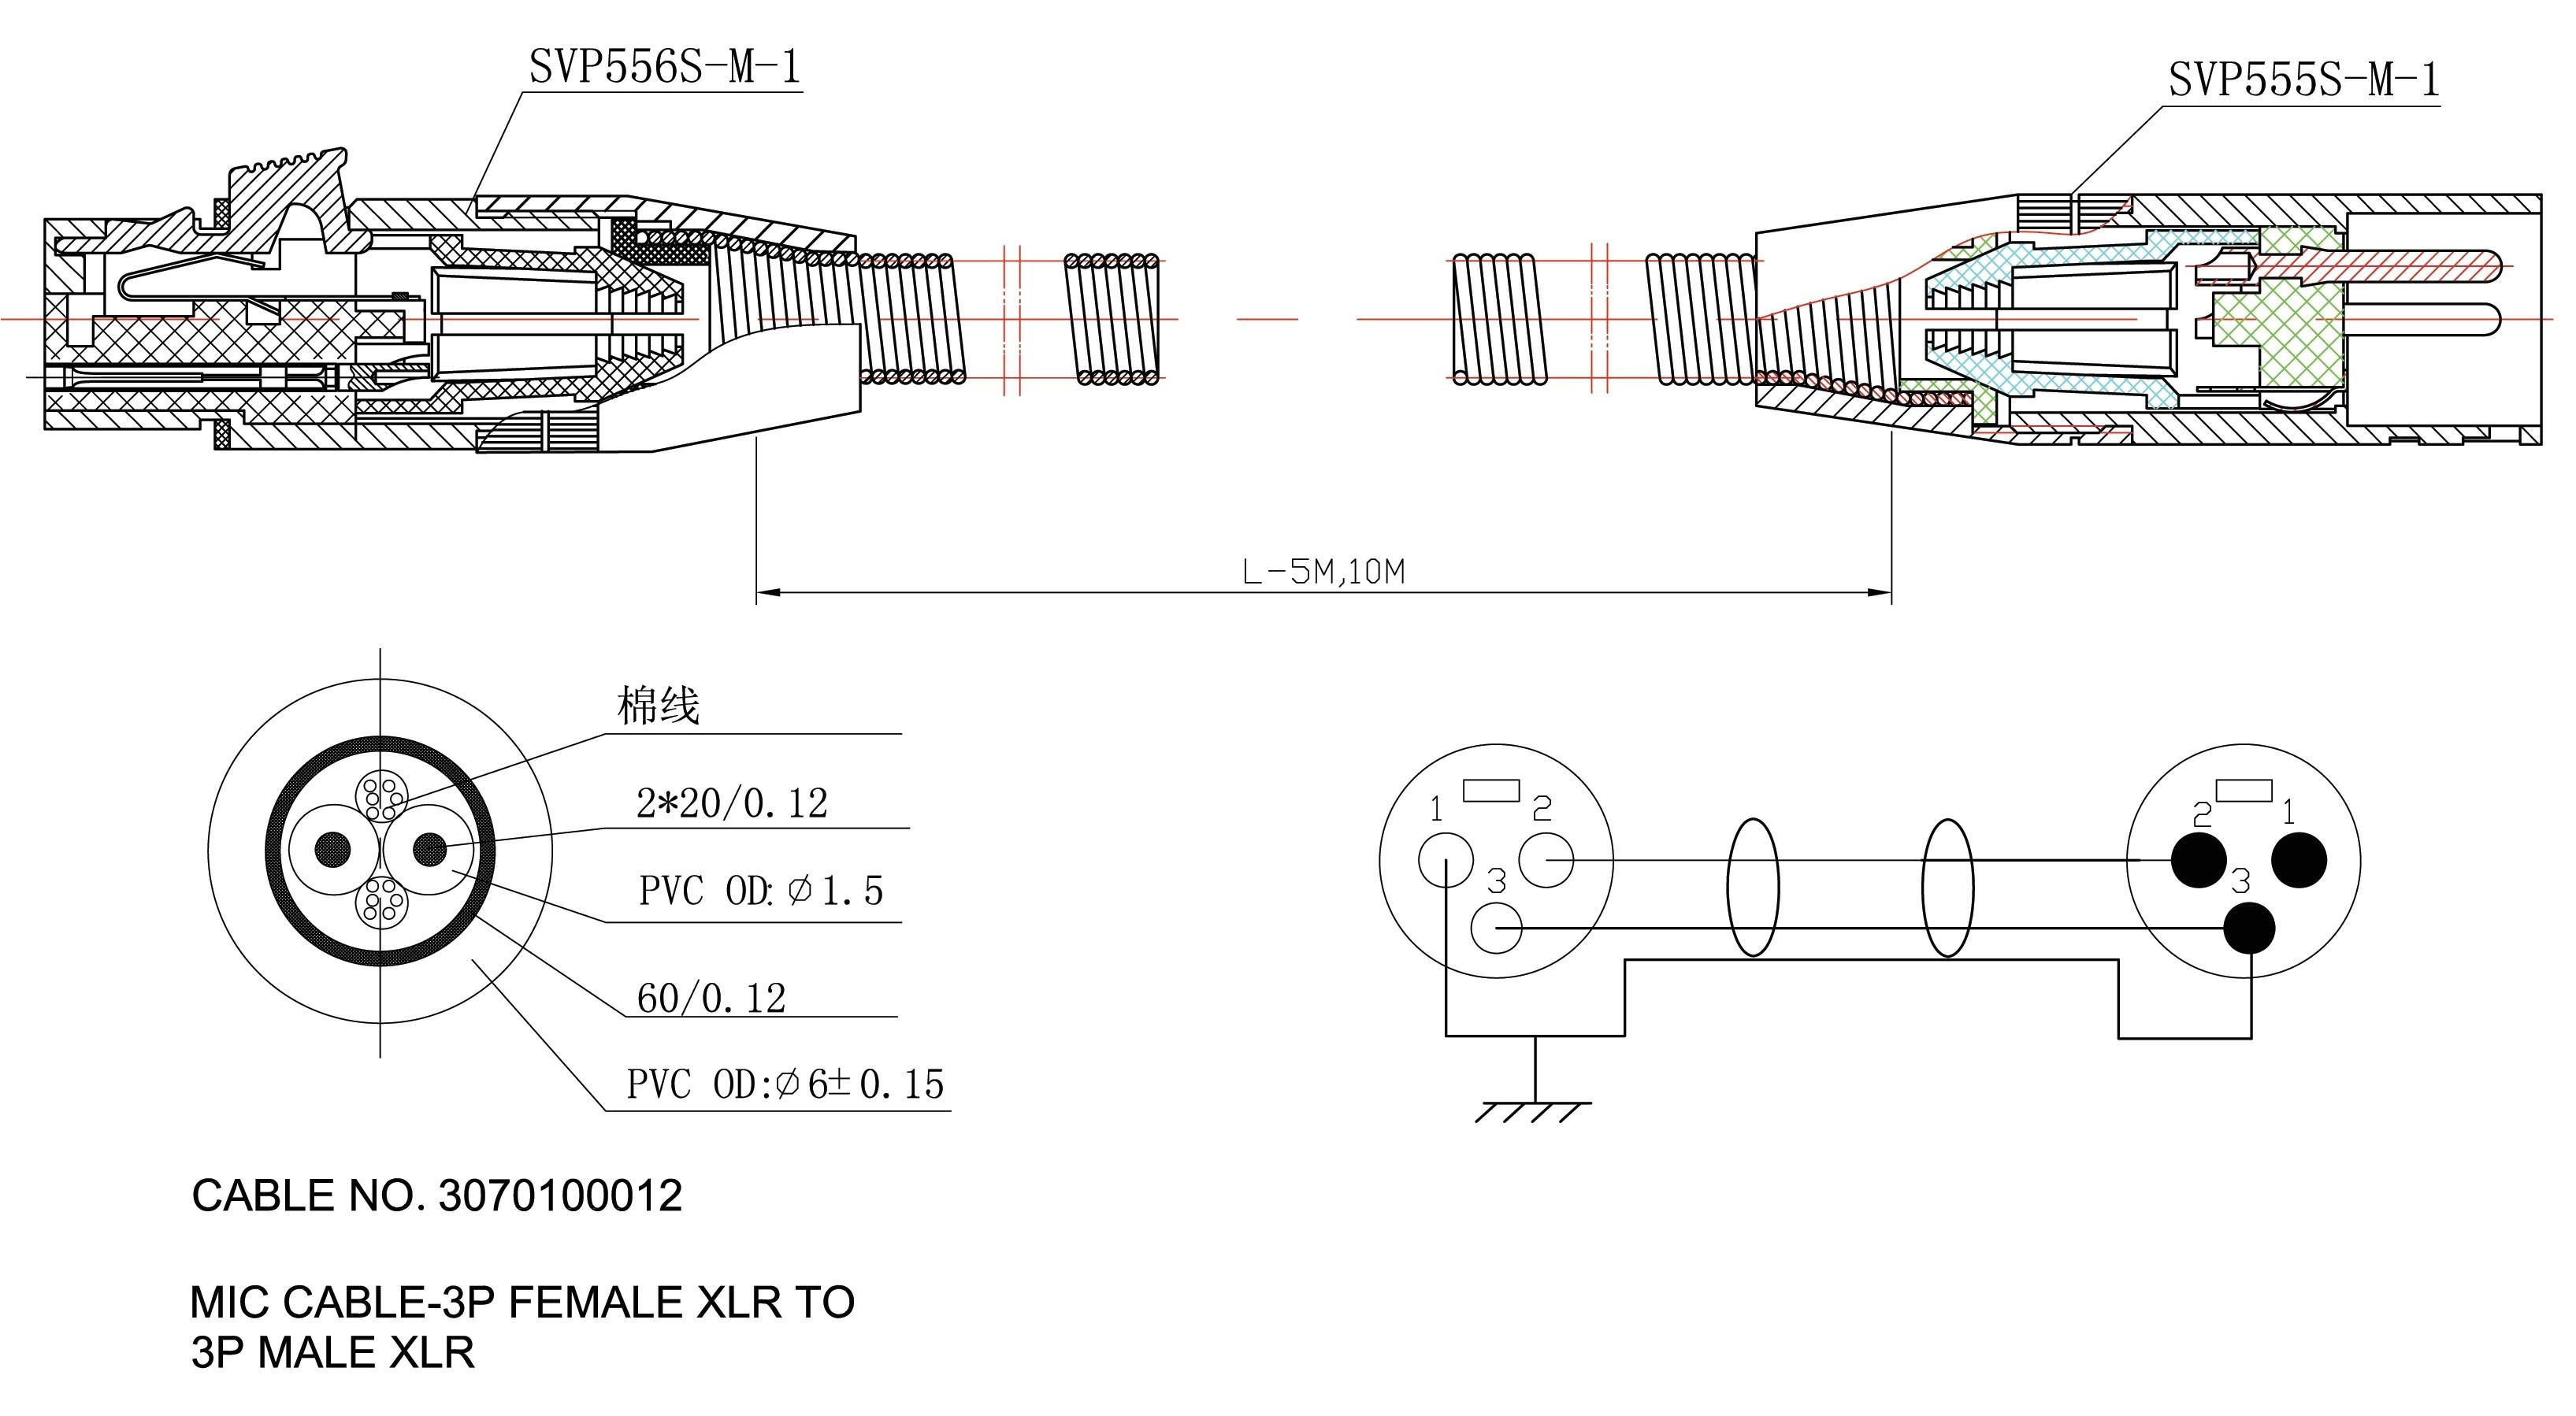 Ethernet Wiring Diagram Rj45 Gewiss Rj45 Wiring Diagram Wiring Diagrams Lol